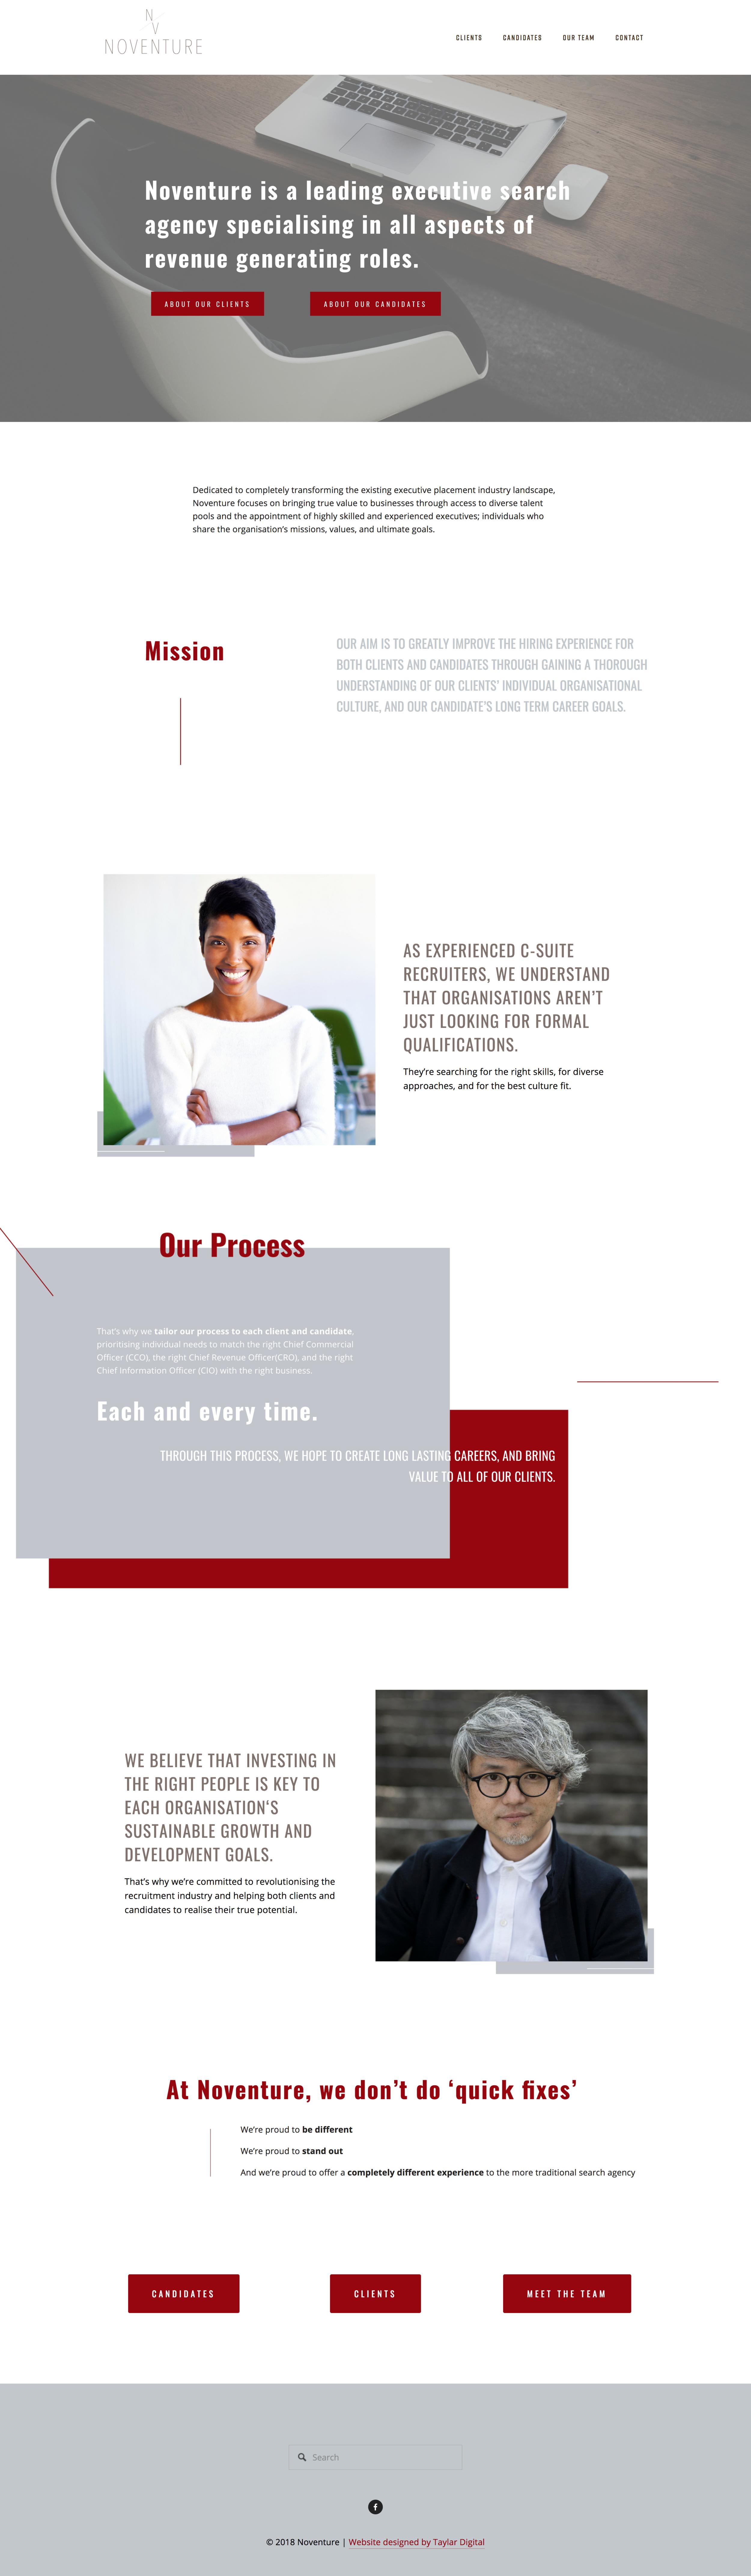 Noventure homepage.png